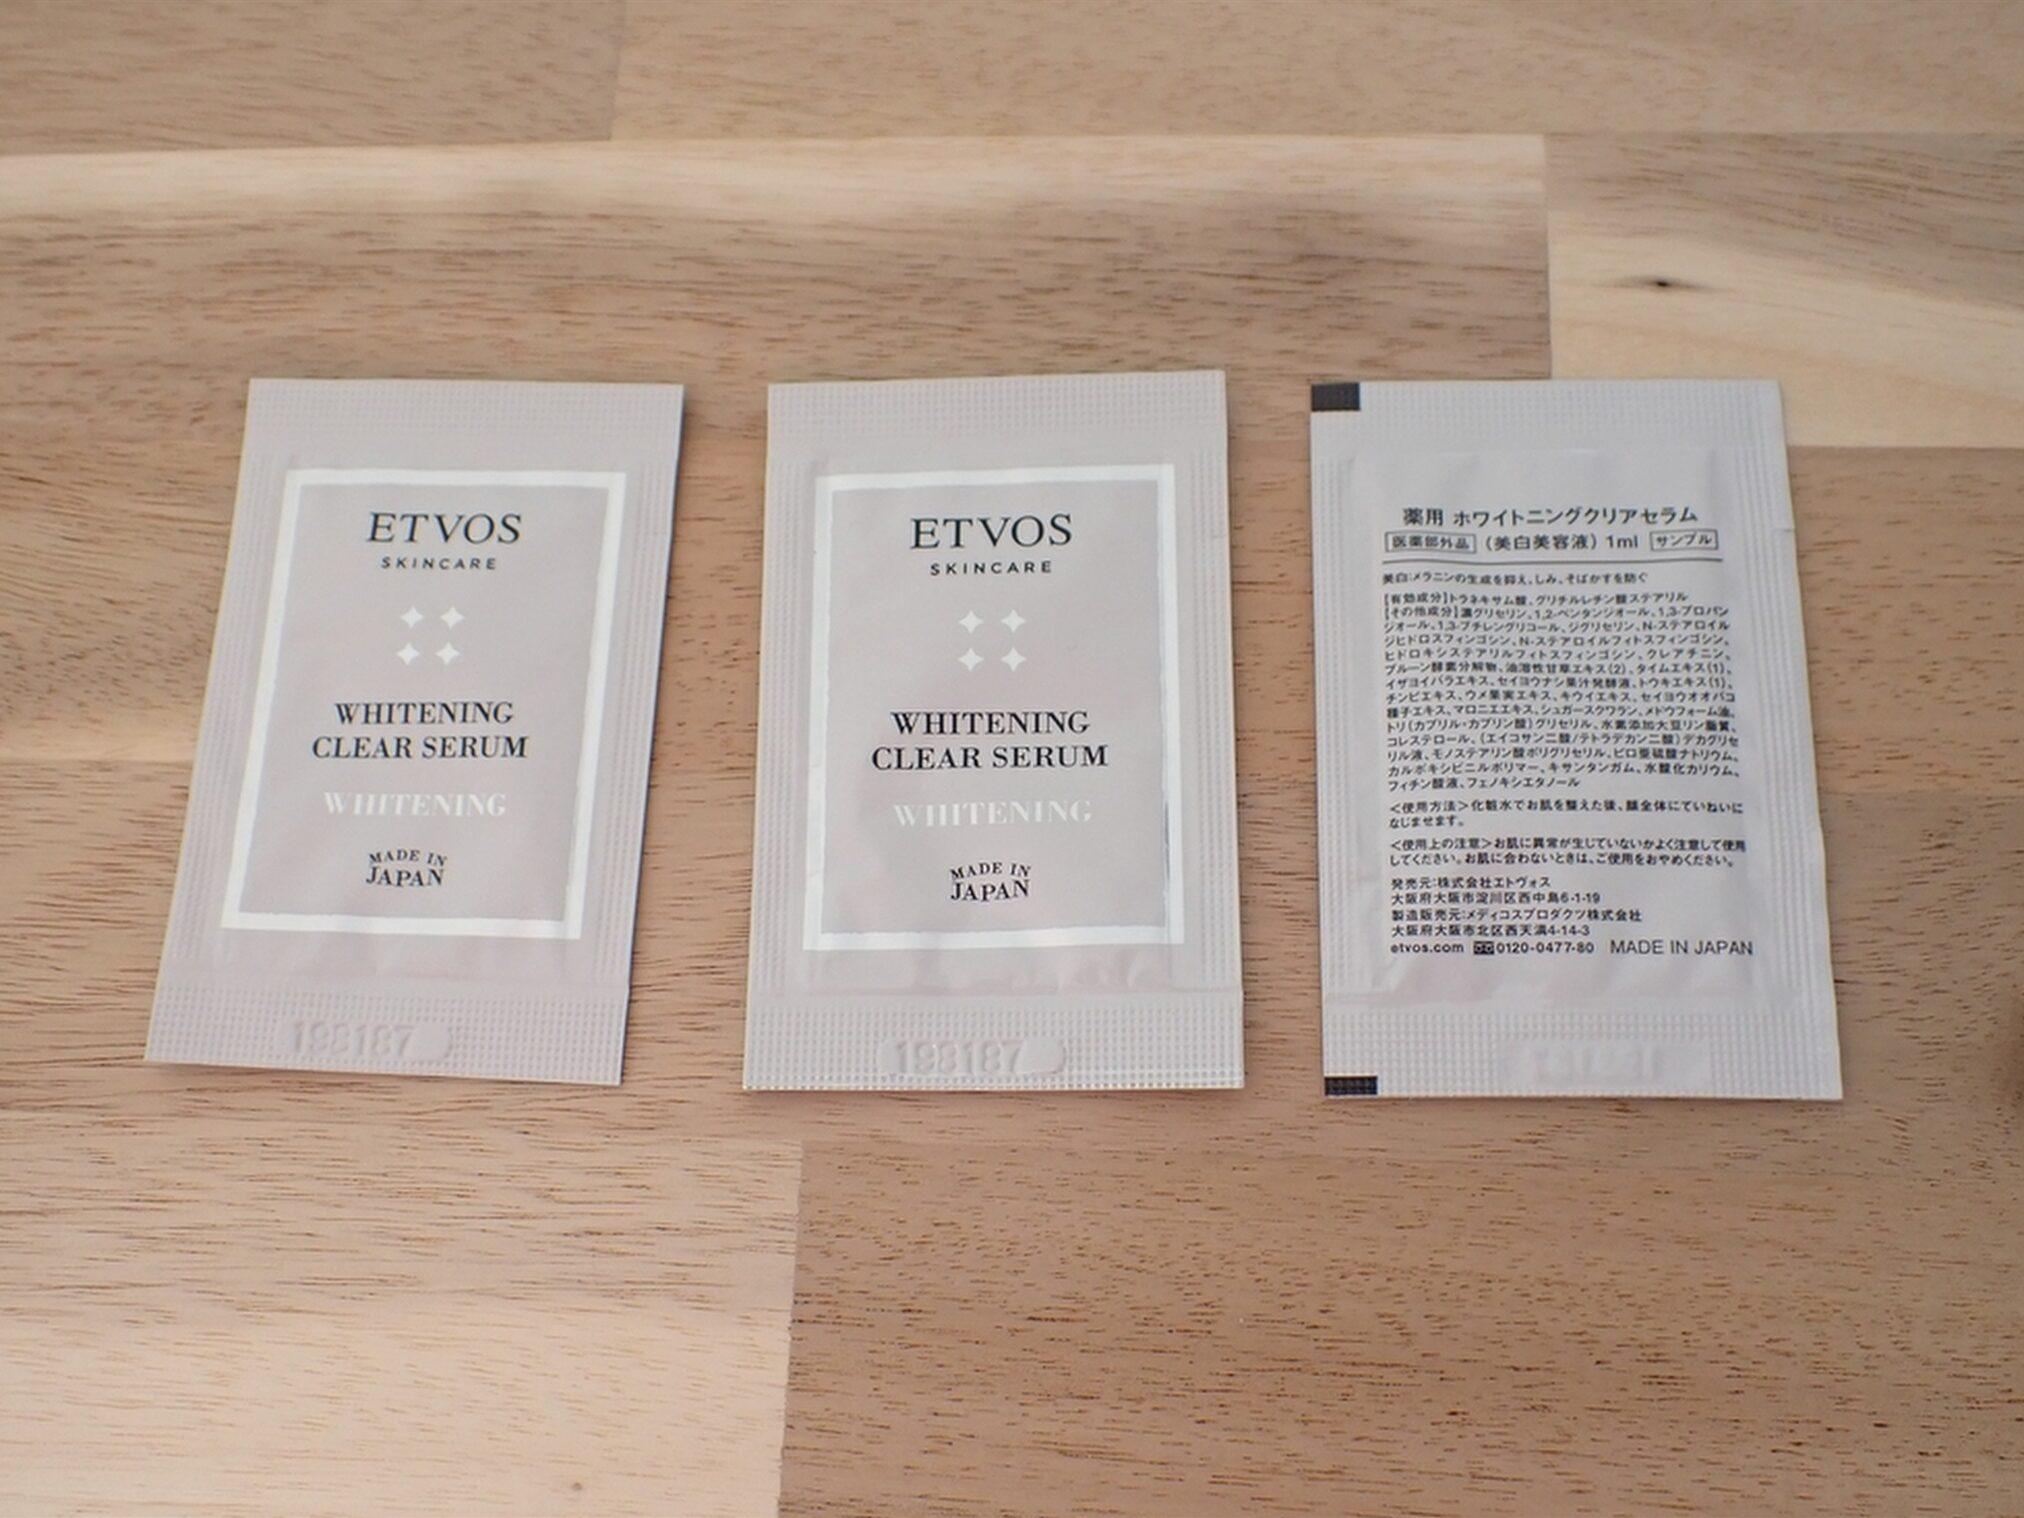 エトヴォス パーフェクトキット パウチで3回分、薬用 ホワイトニングクリアセラム【医薬部外品】をお試しできます